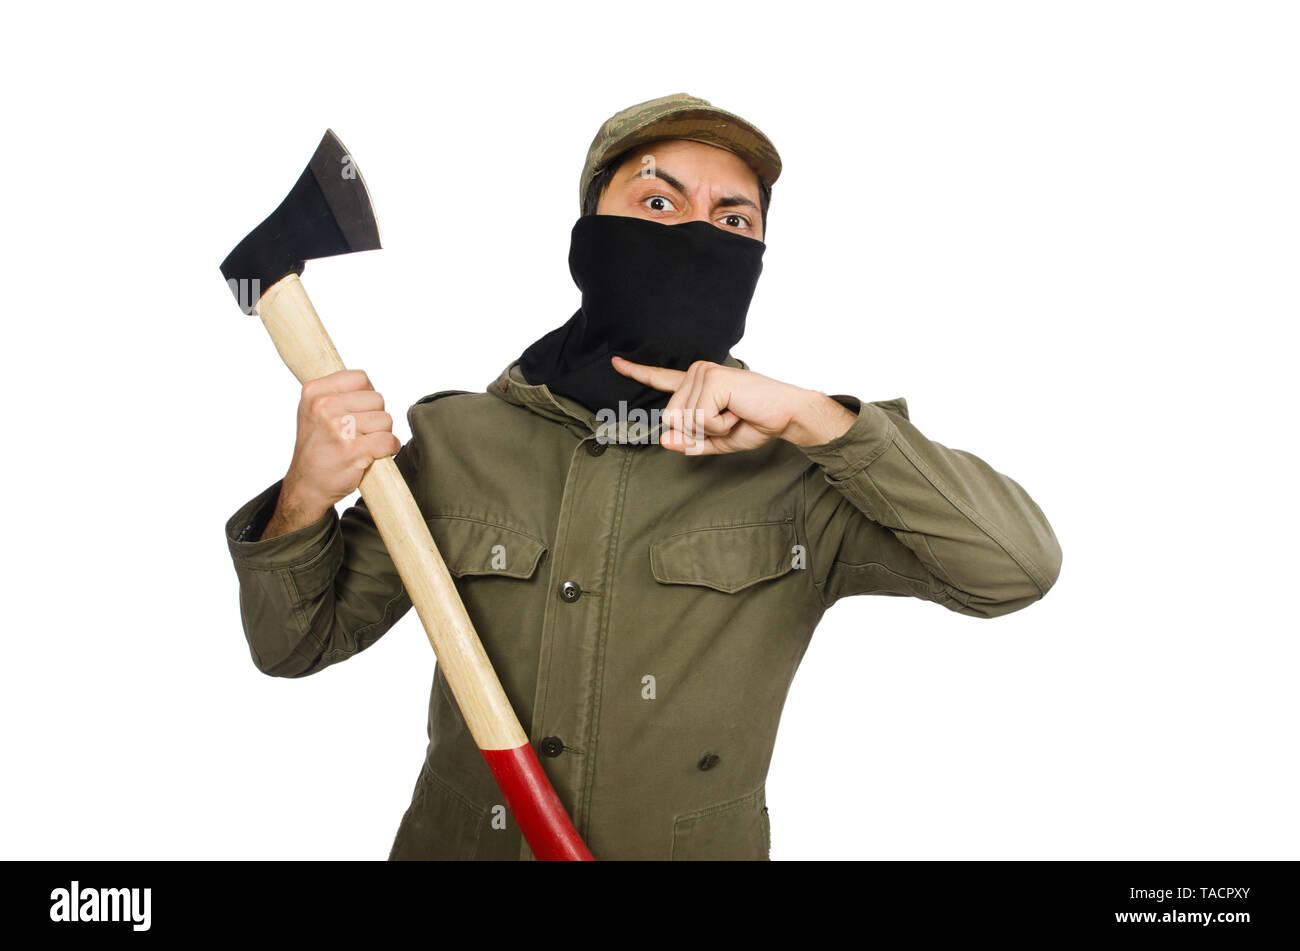 Criminal wearing mask isolated on white - Stock Image